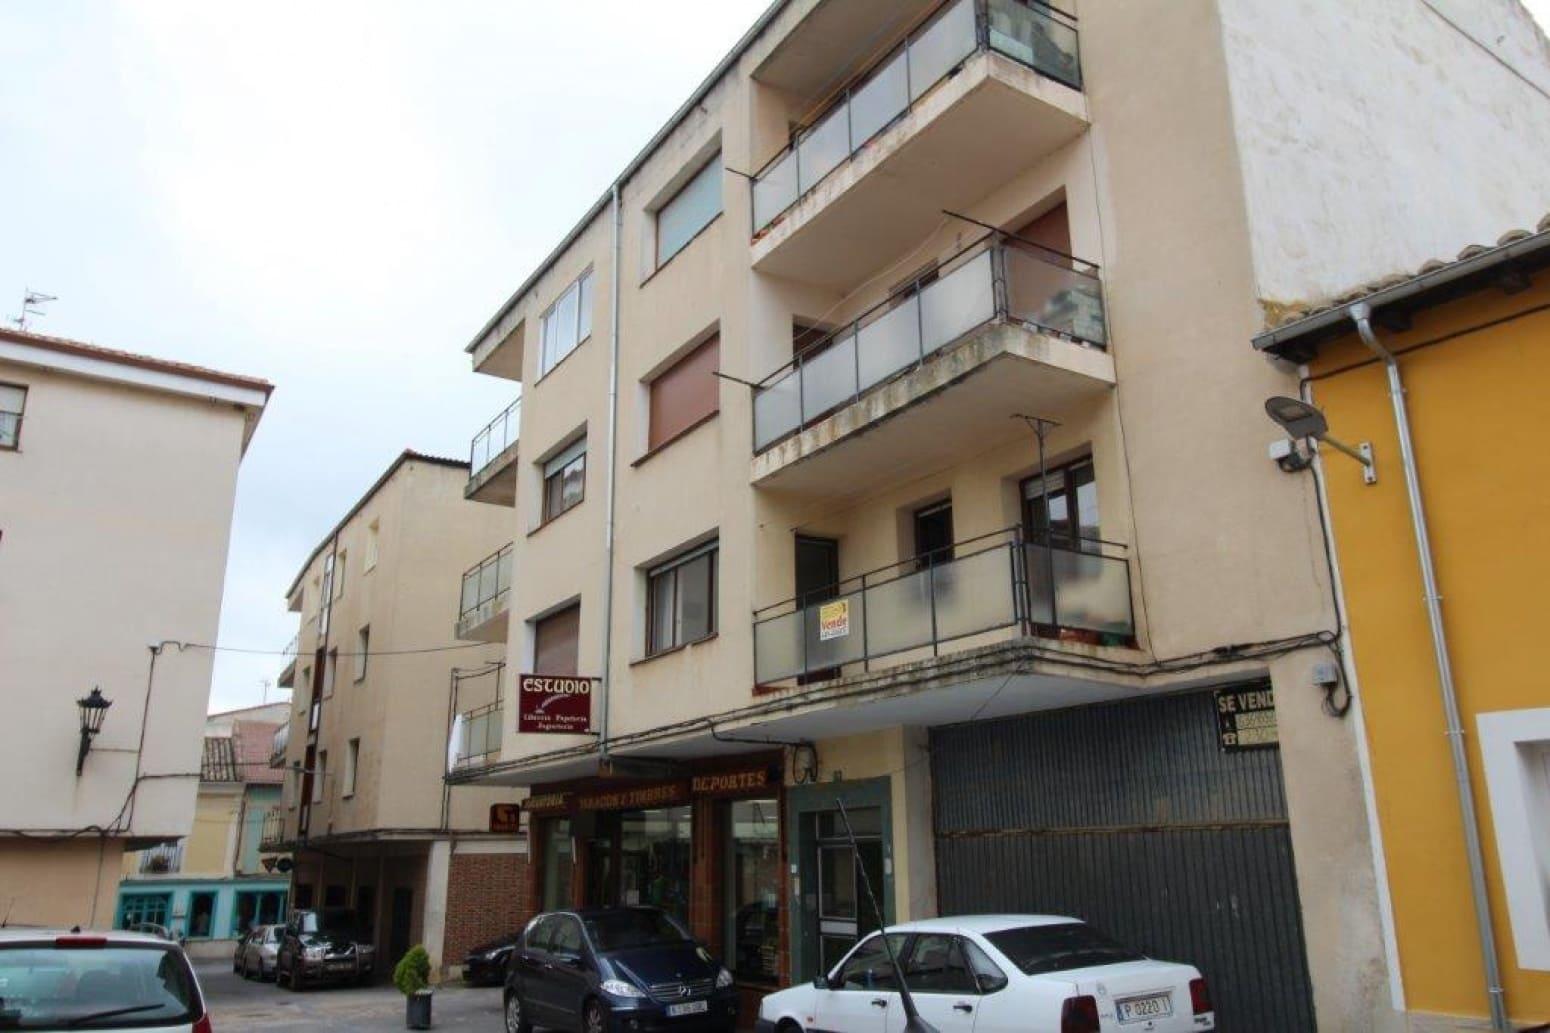 Piso de 3 habitaciones en Herrera de Pisuerga en venta - 40.000 € (Ref: 4688358)